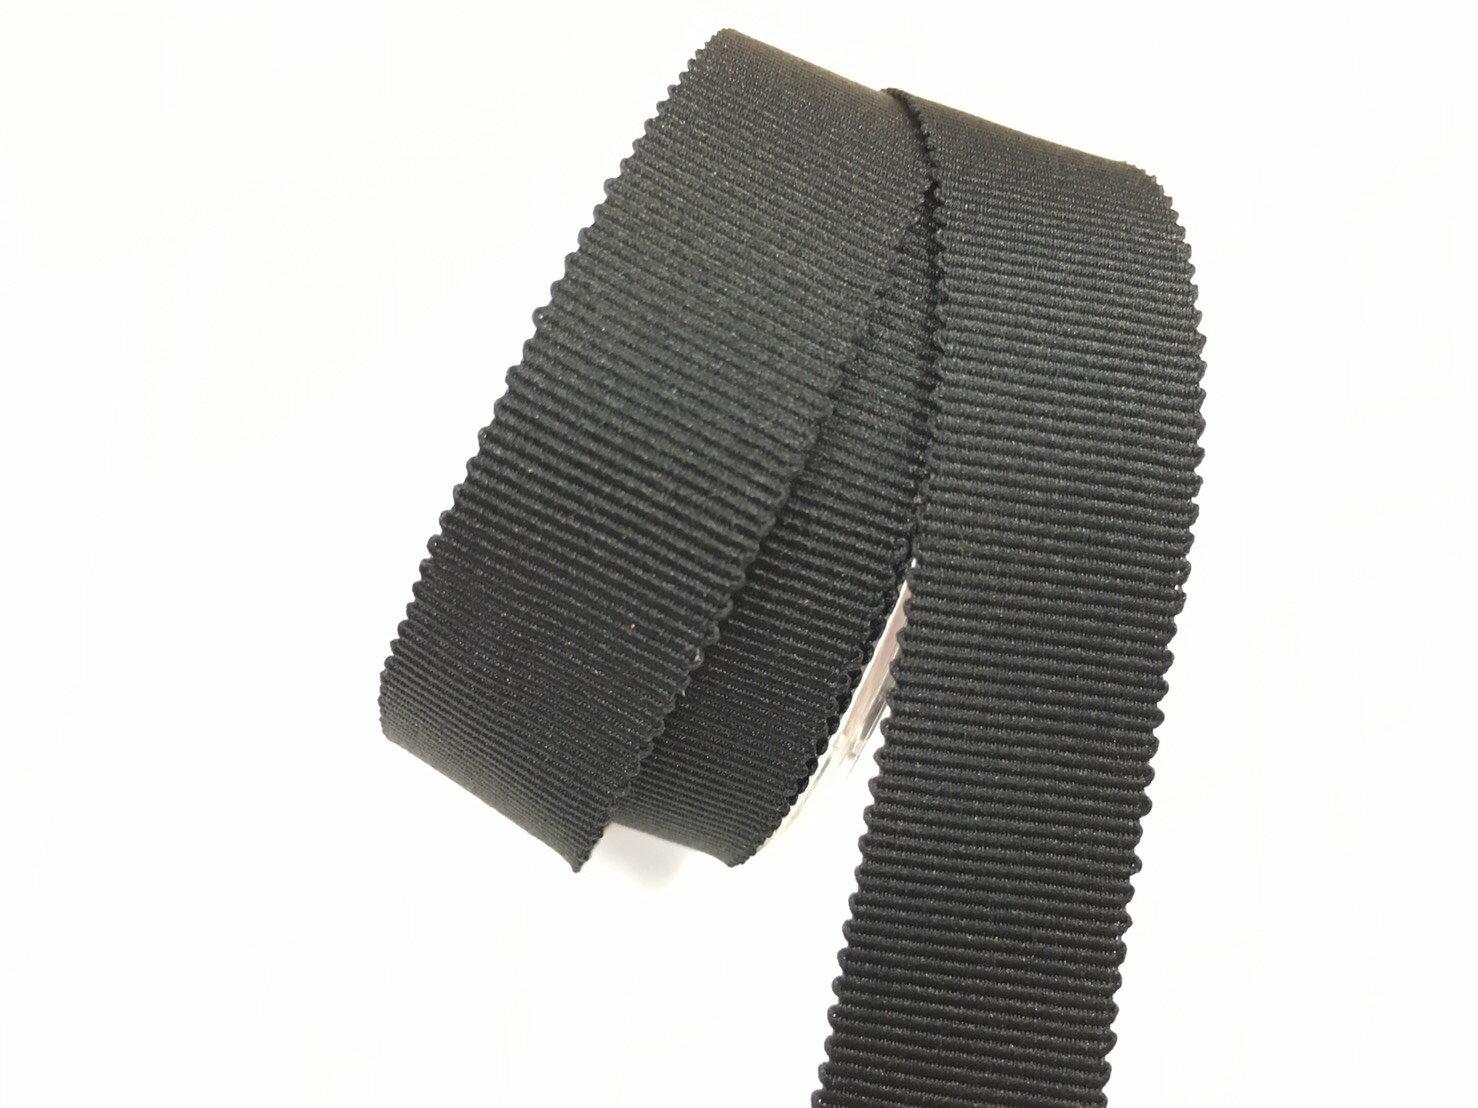 迴紋帶 羅紋緞帶 10mm 3碼 (22色) 日本製造台灣包裝 5